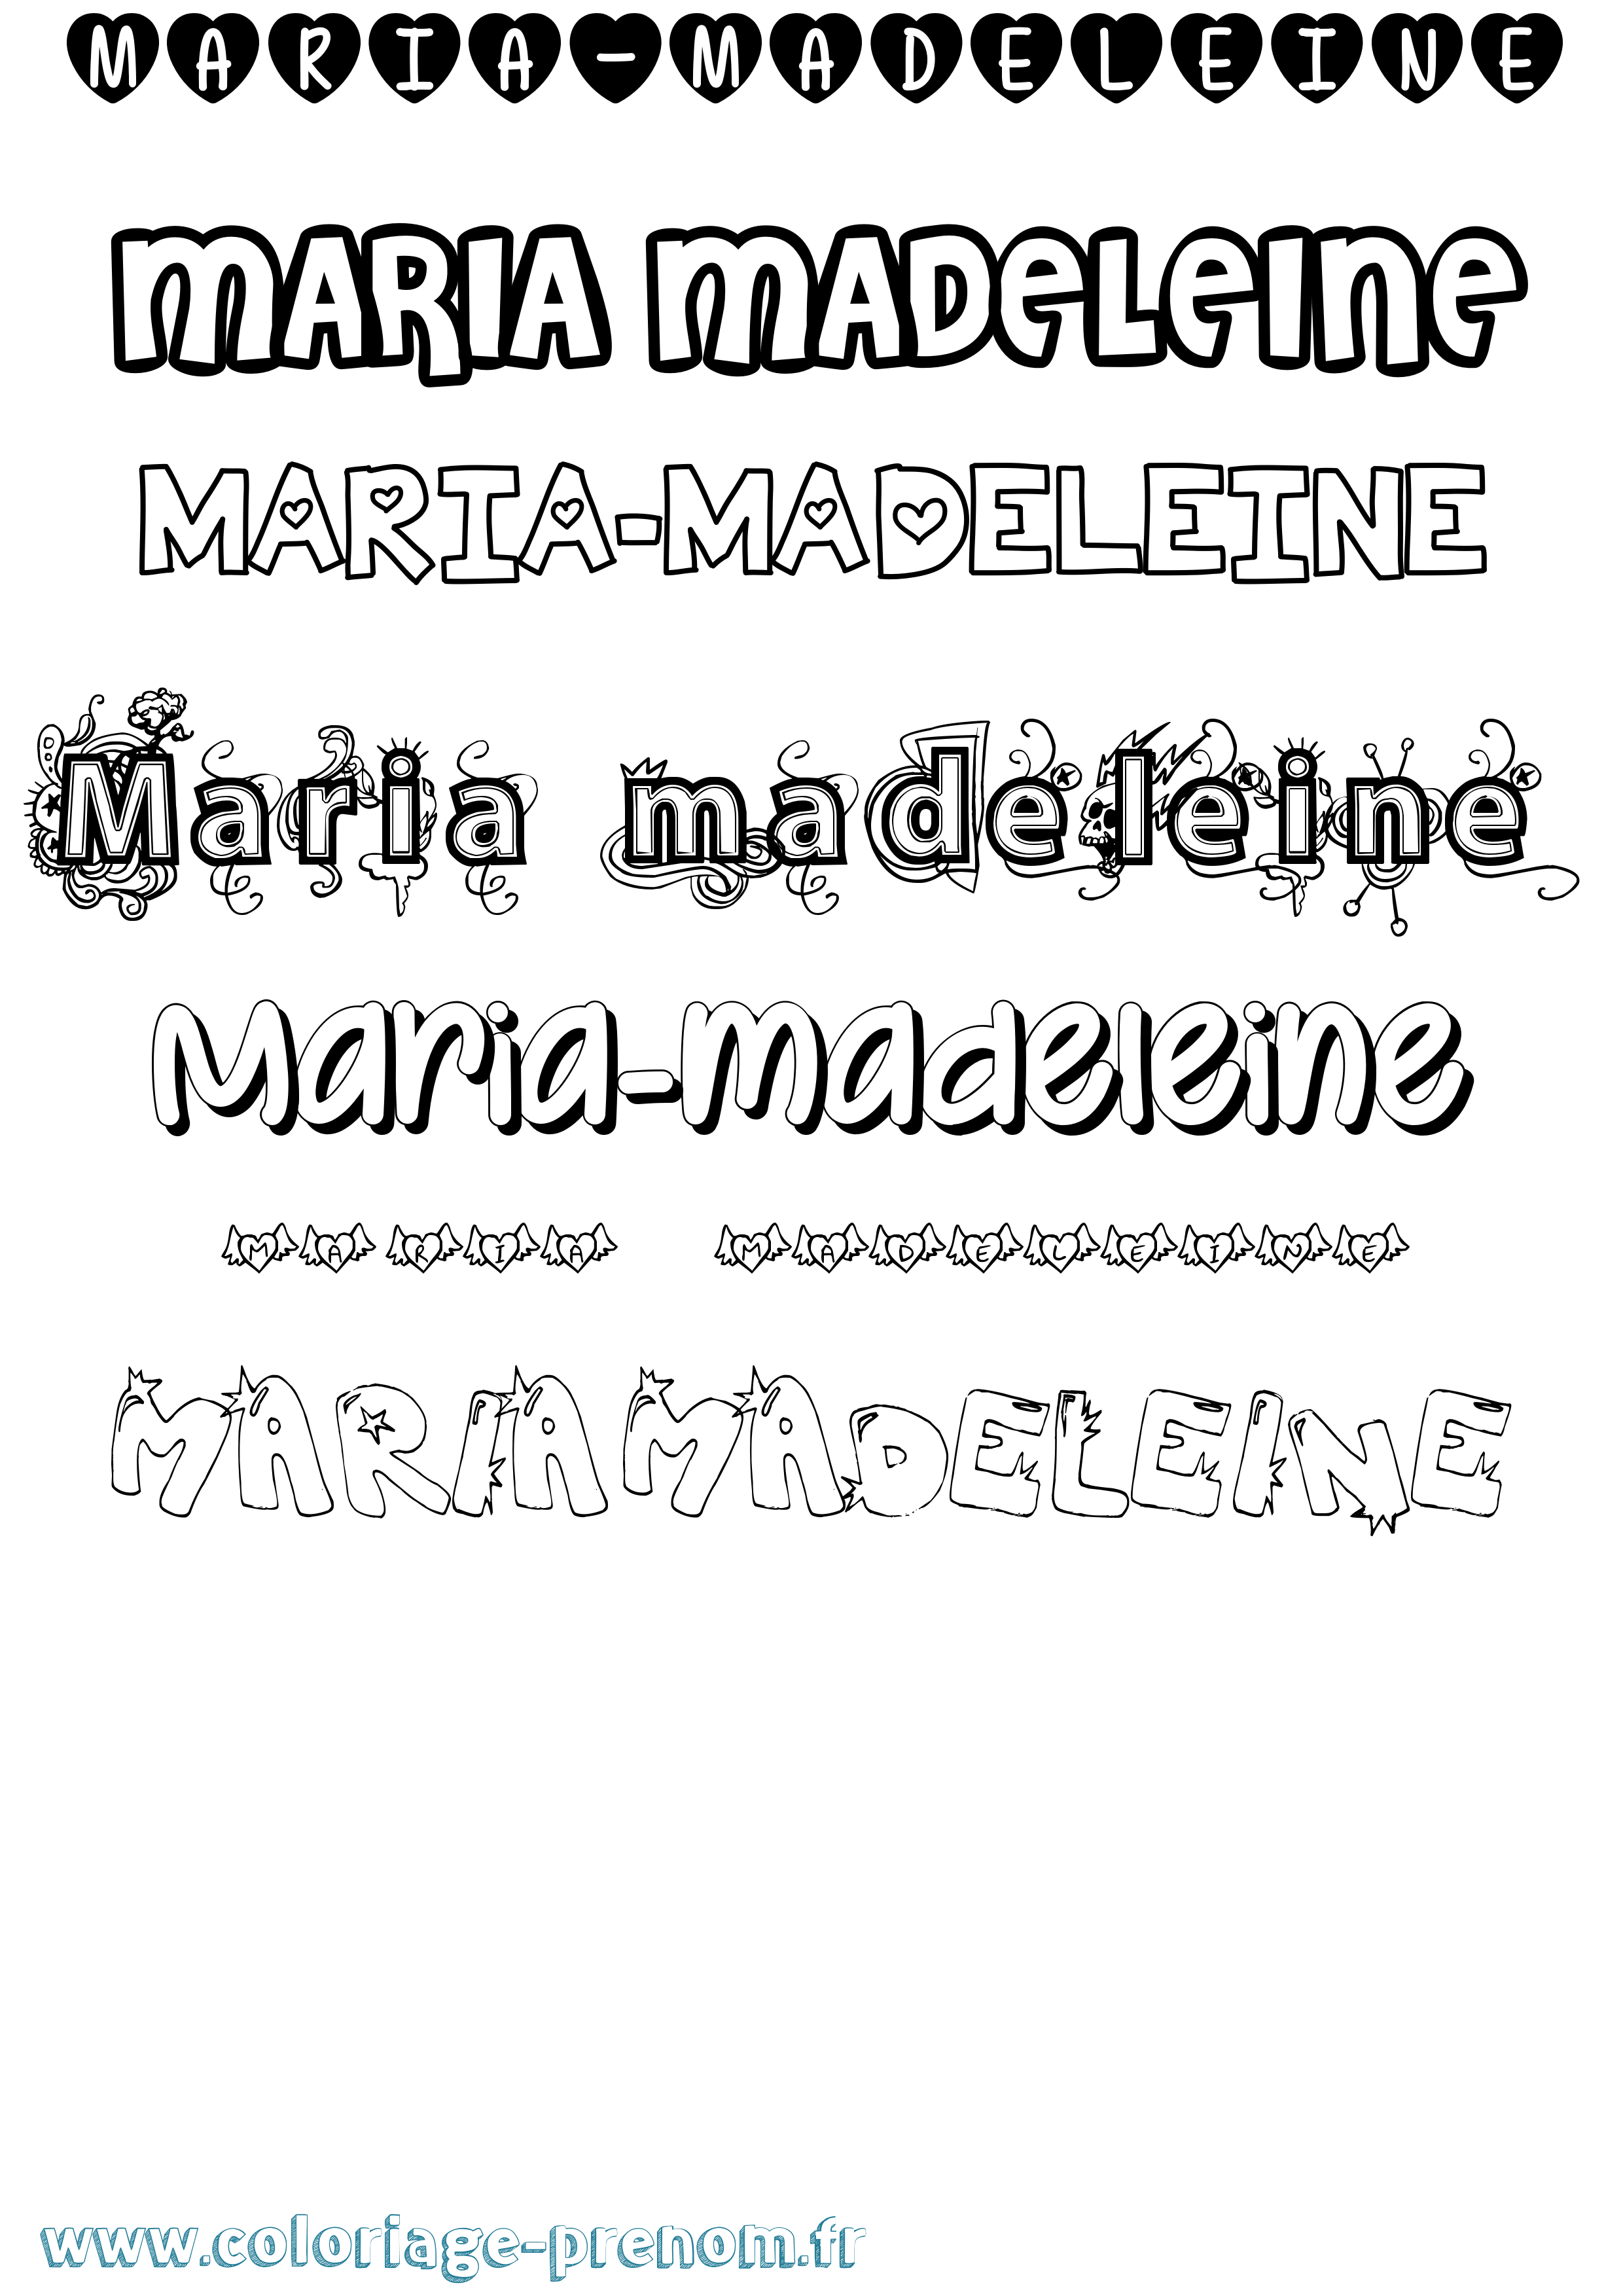 Coloriage du prénom Maria-madeleine : à Imprimer ou ...